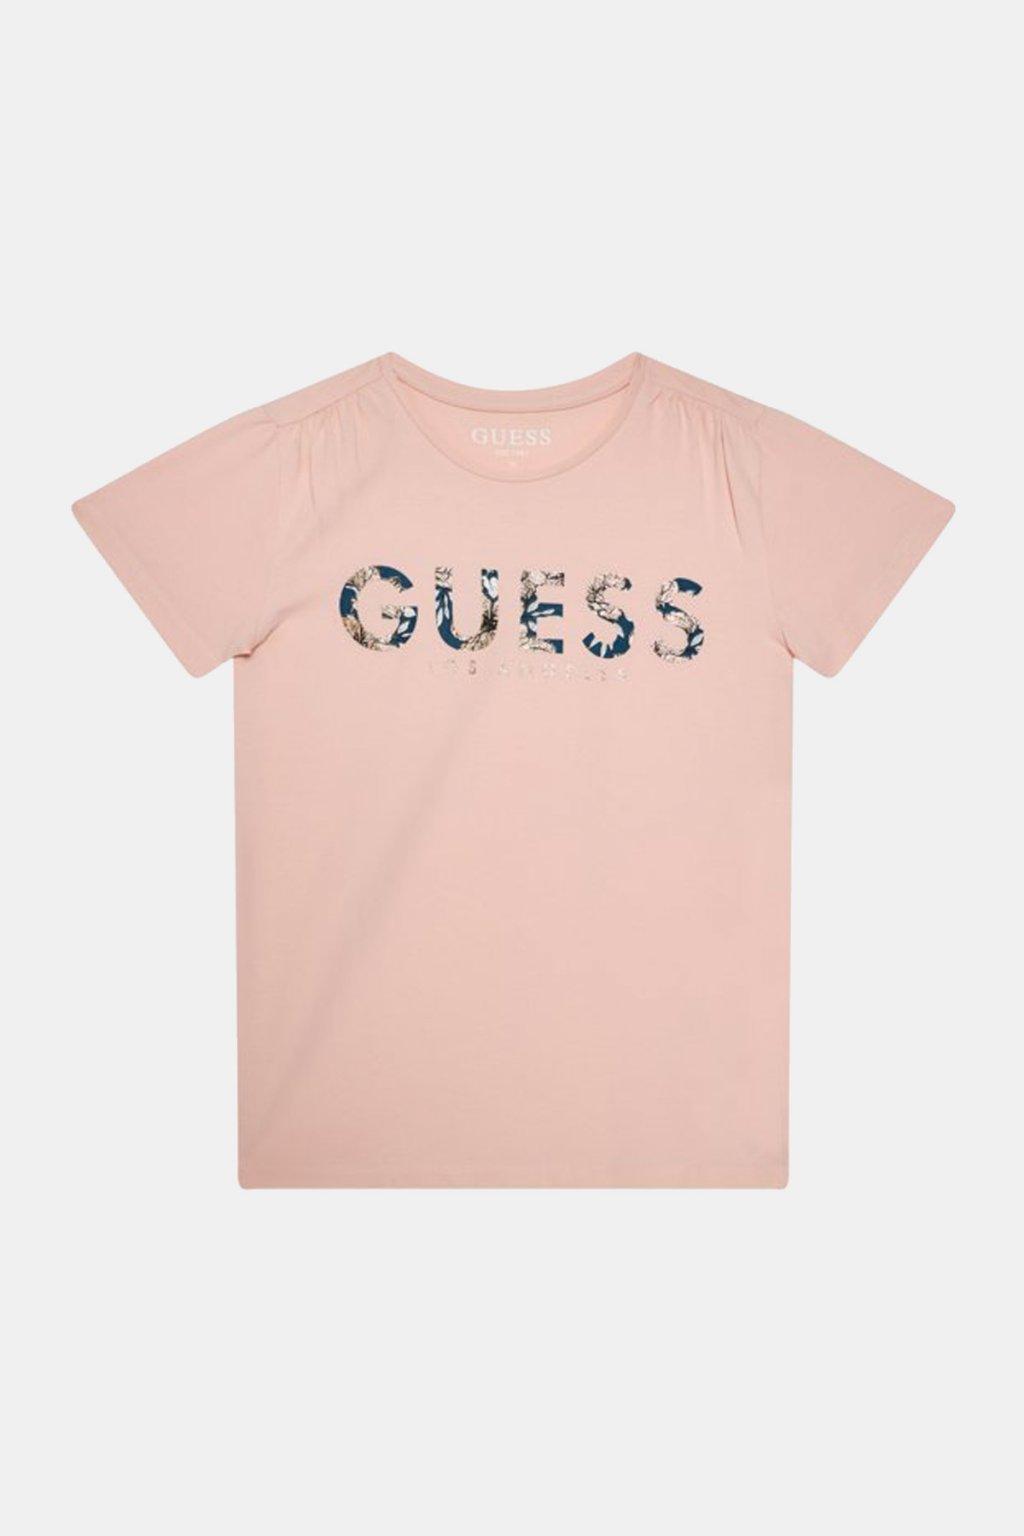 """Guess - Triko s krátkým rukávem """"REGULAR FIT"""" (Barva Lososová, Velikost 128)"""